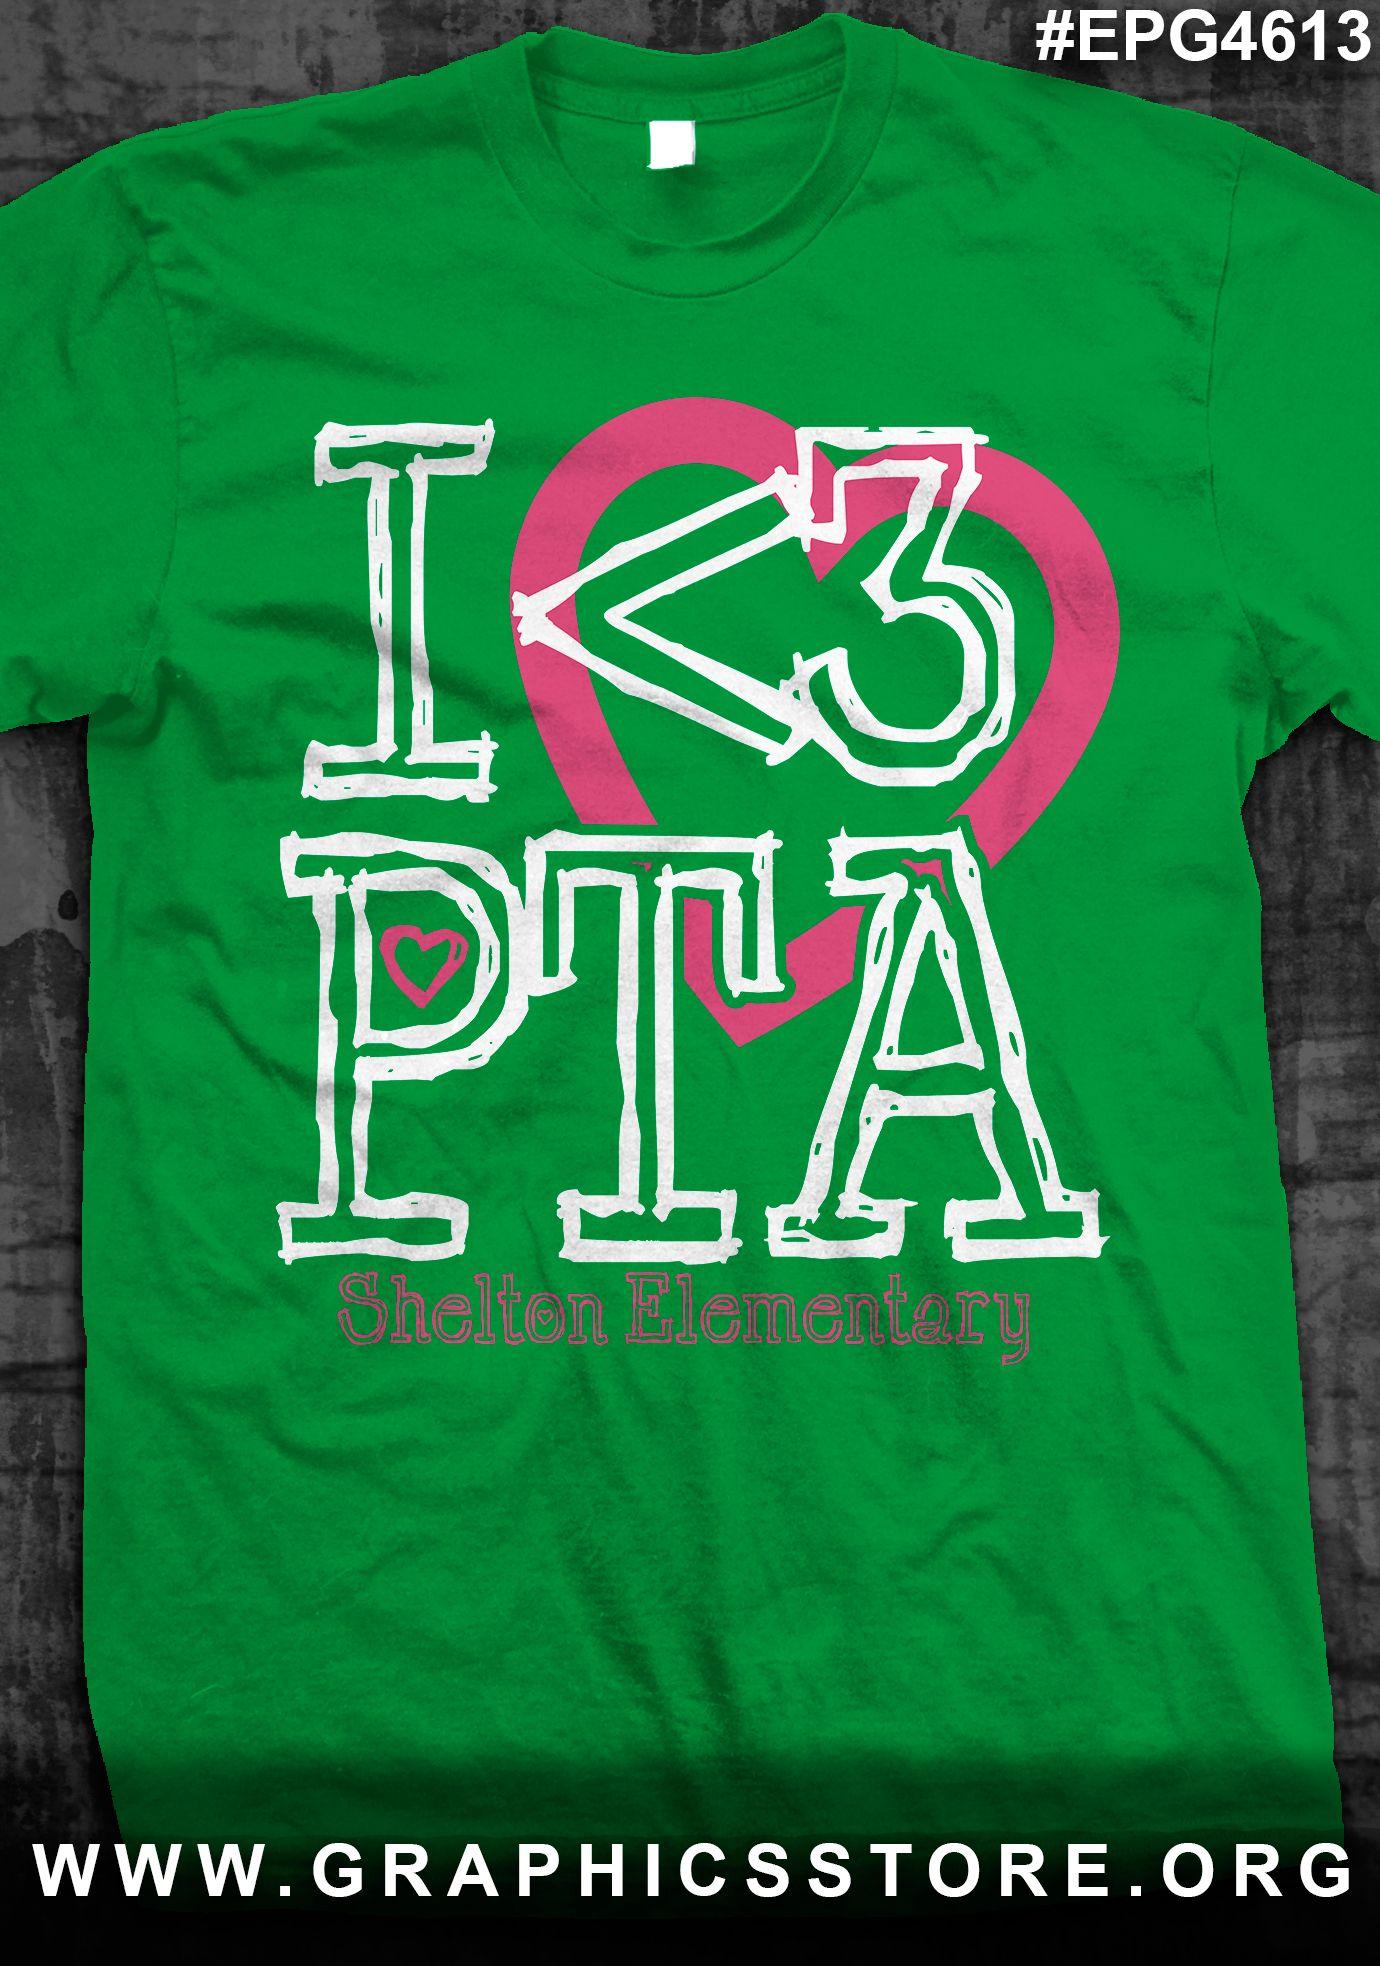 Shirt design green - Epg4613 I Love Pta T Shirt Design